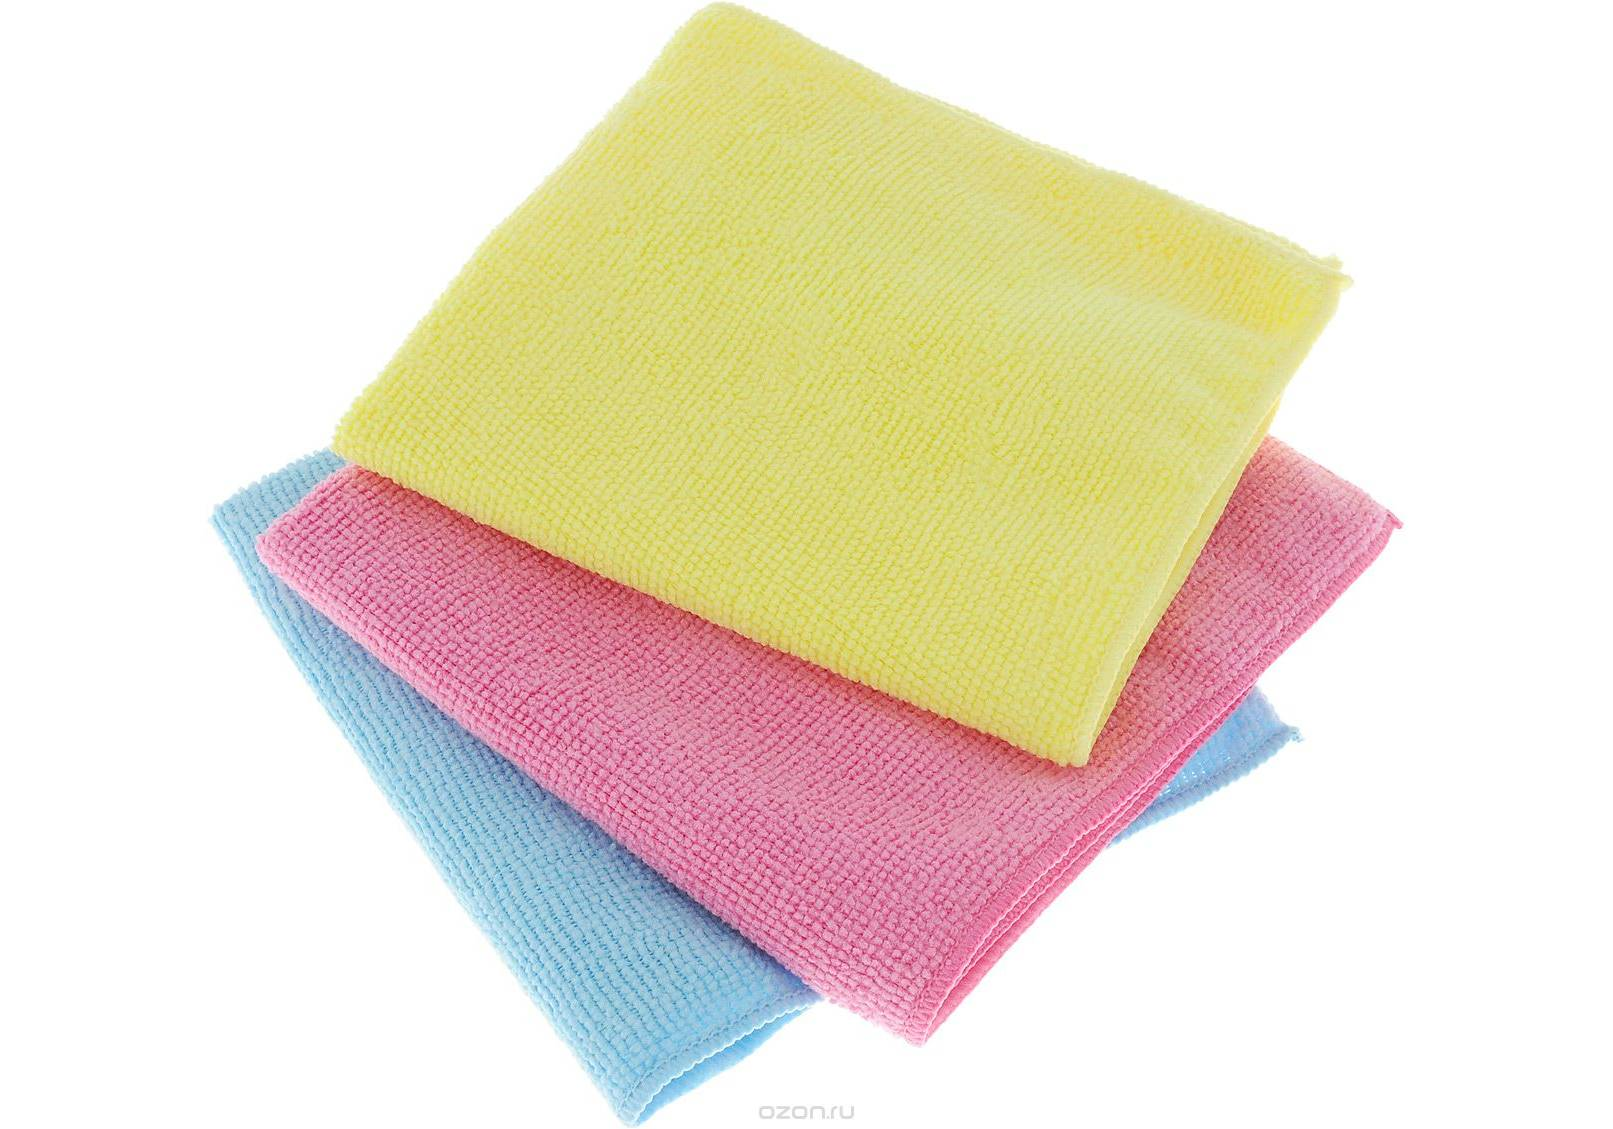 Салфетки из микрофибры: для уборки, универсальная, для пола, в чем особенности